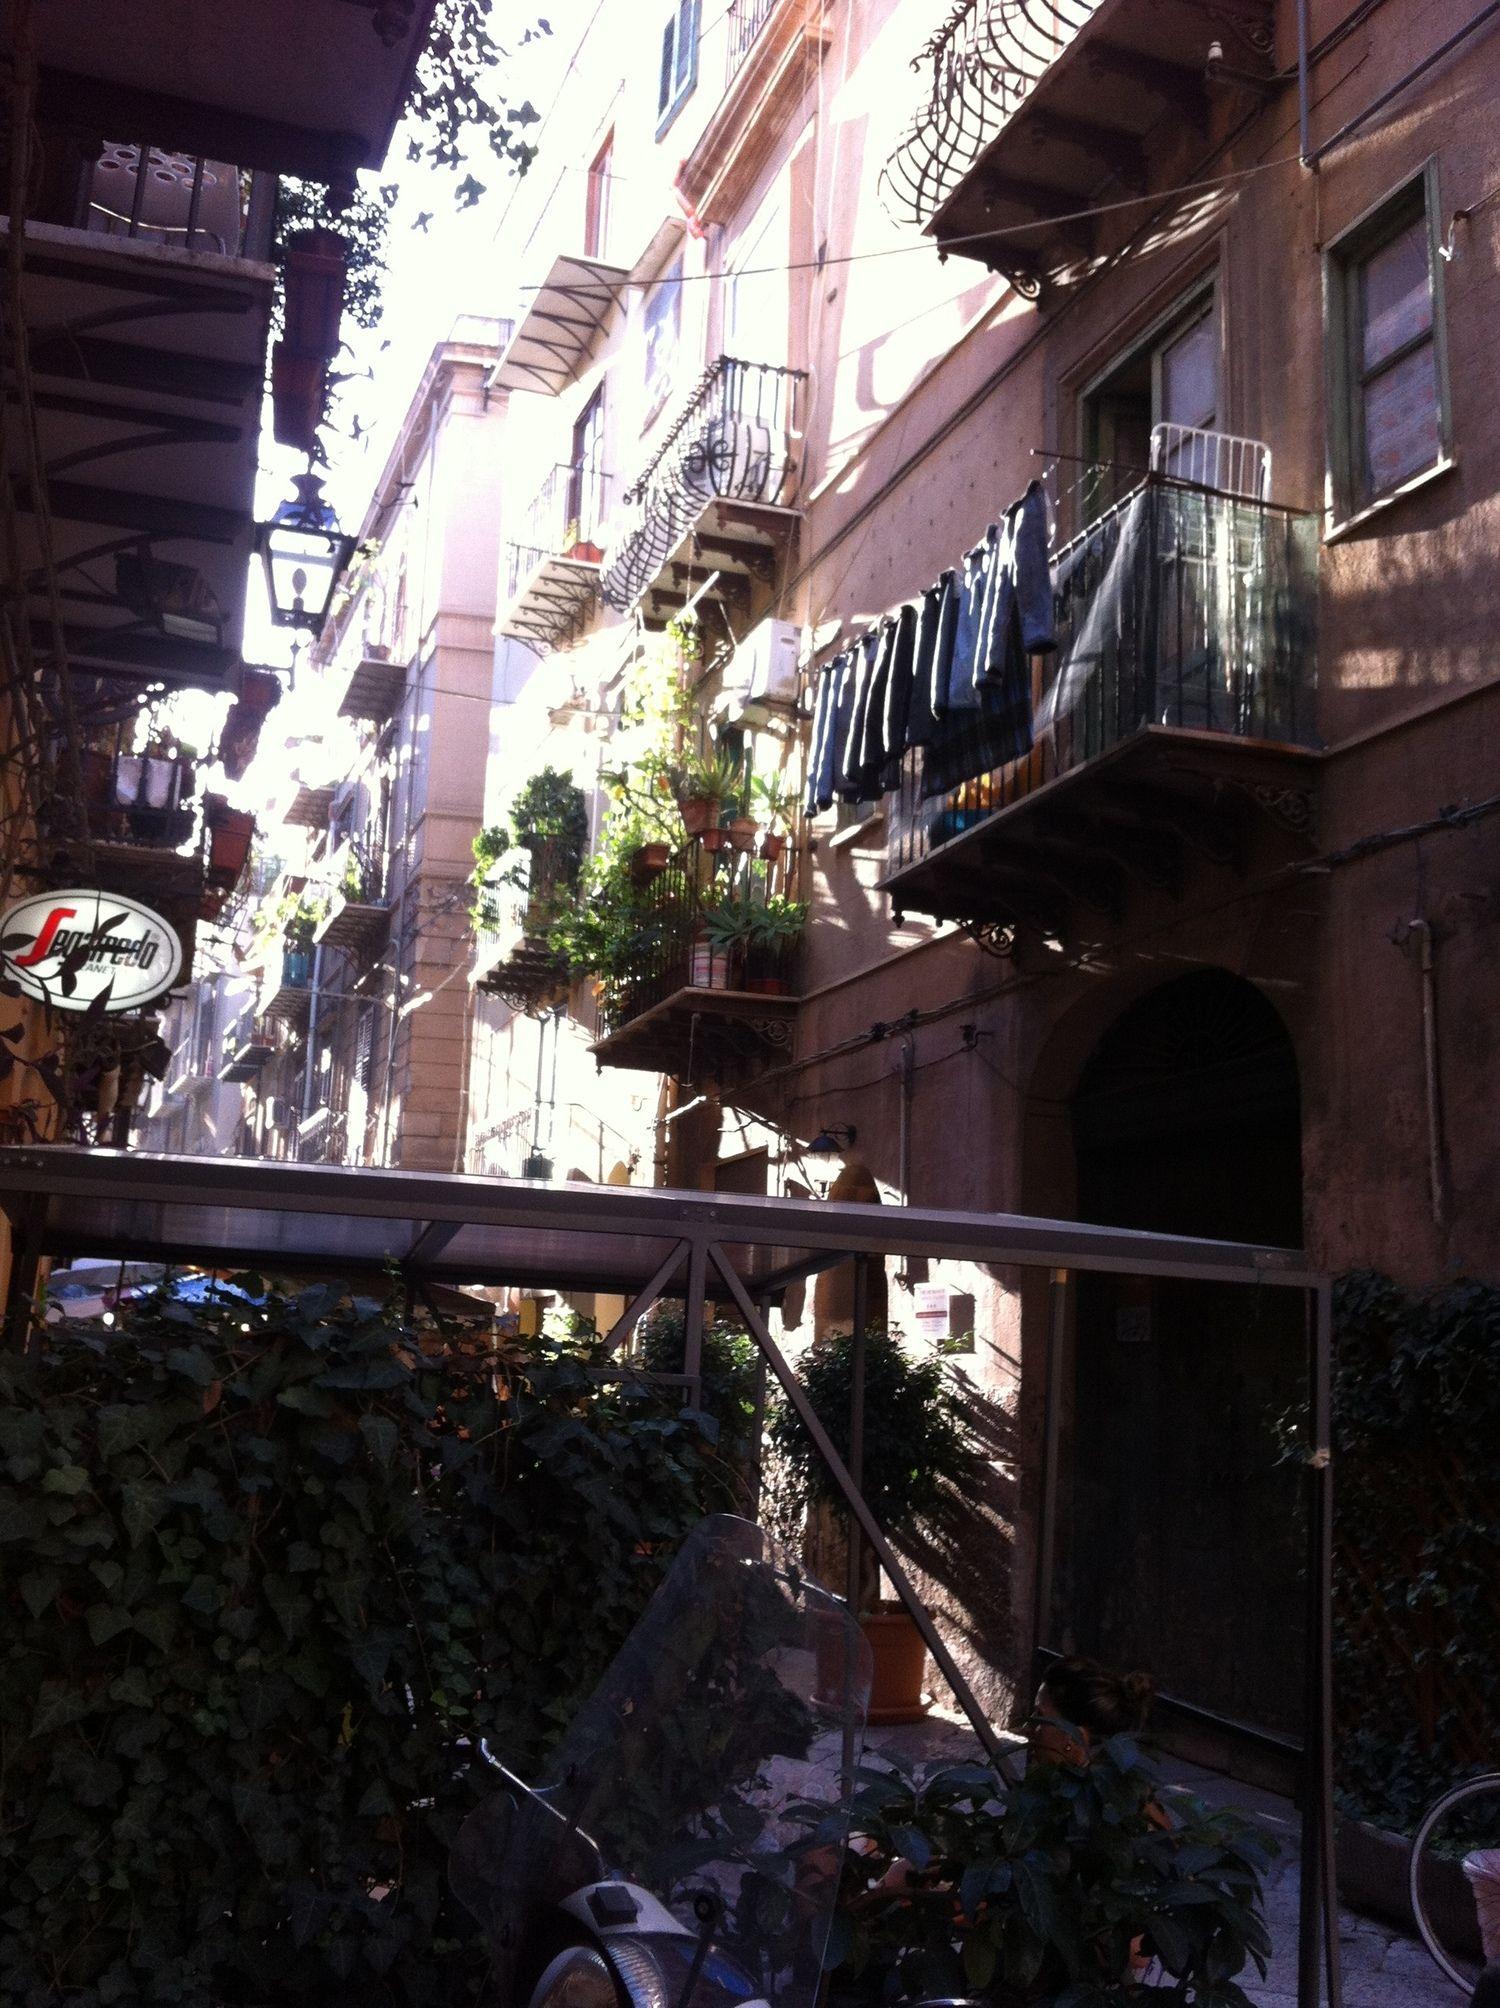 Attico / Mansarda in vendita a Palermo, 3 locali, prezzo € 170.000 | Cambio Casa.it